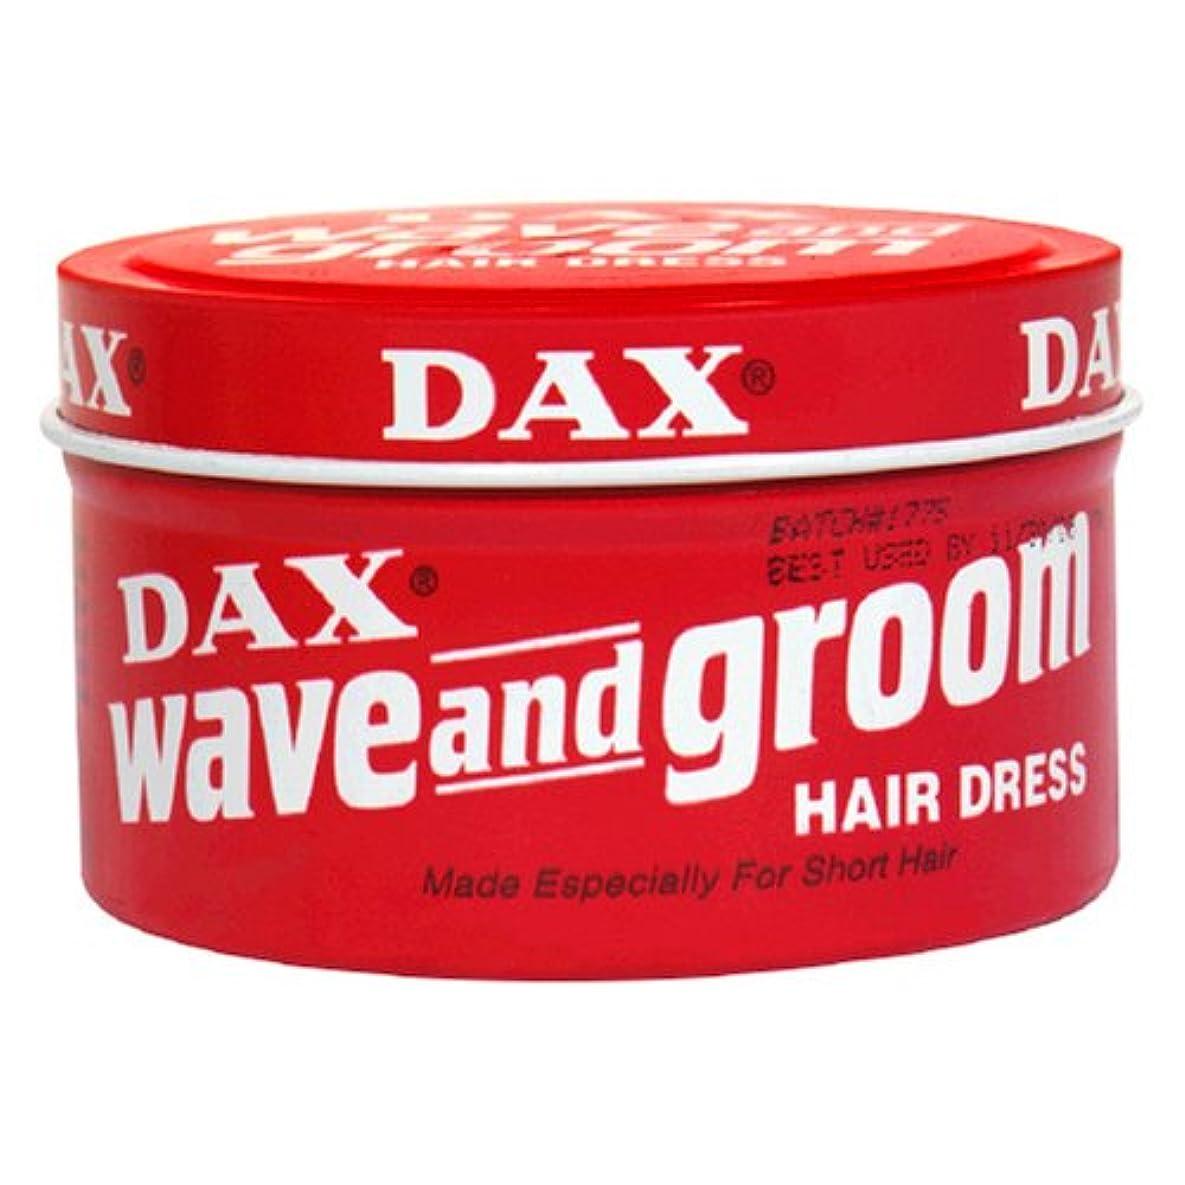 求める絶望重力Dax Wave & Groom Hair Dress 99 gm Jar (Case of 6) (並行輸入品)